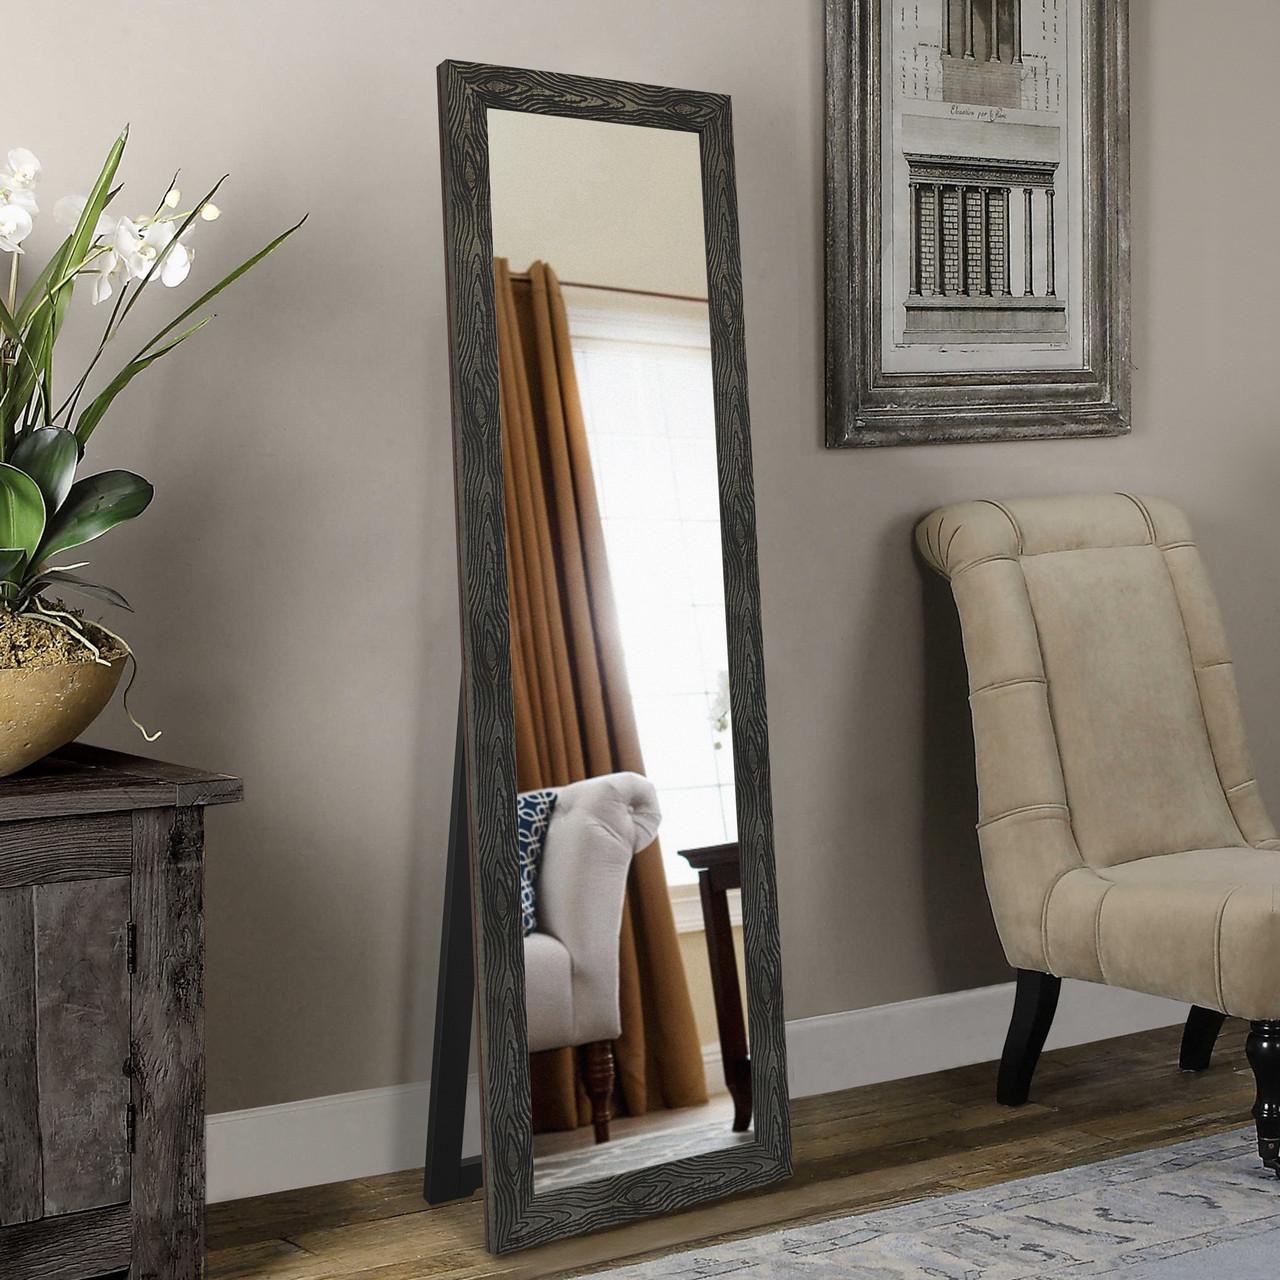 Дзеркало ростовое, підлогове в стилі лофт 1900х600 мм